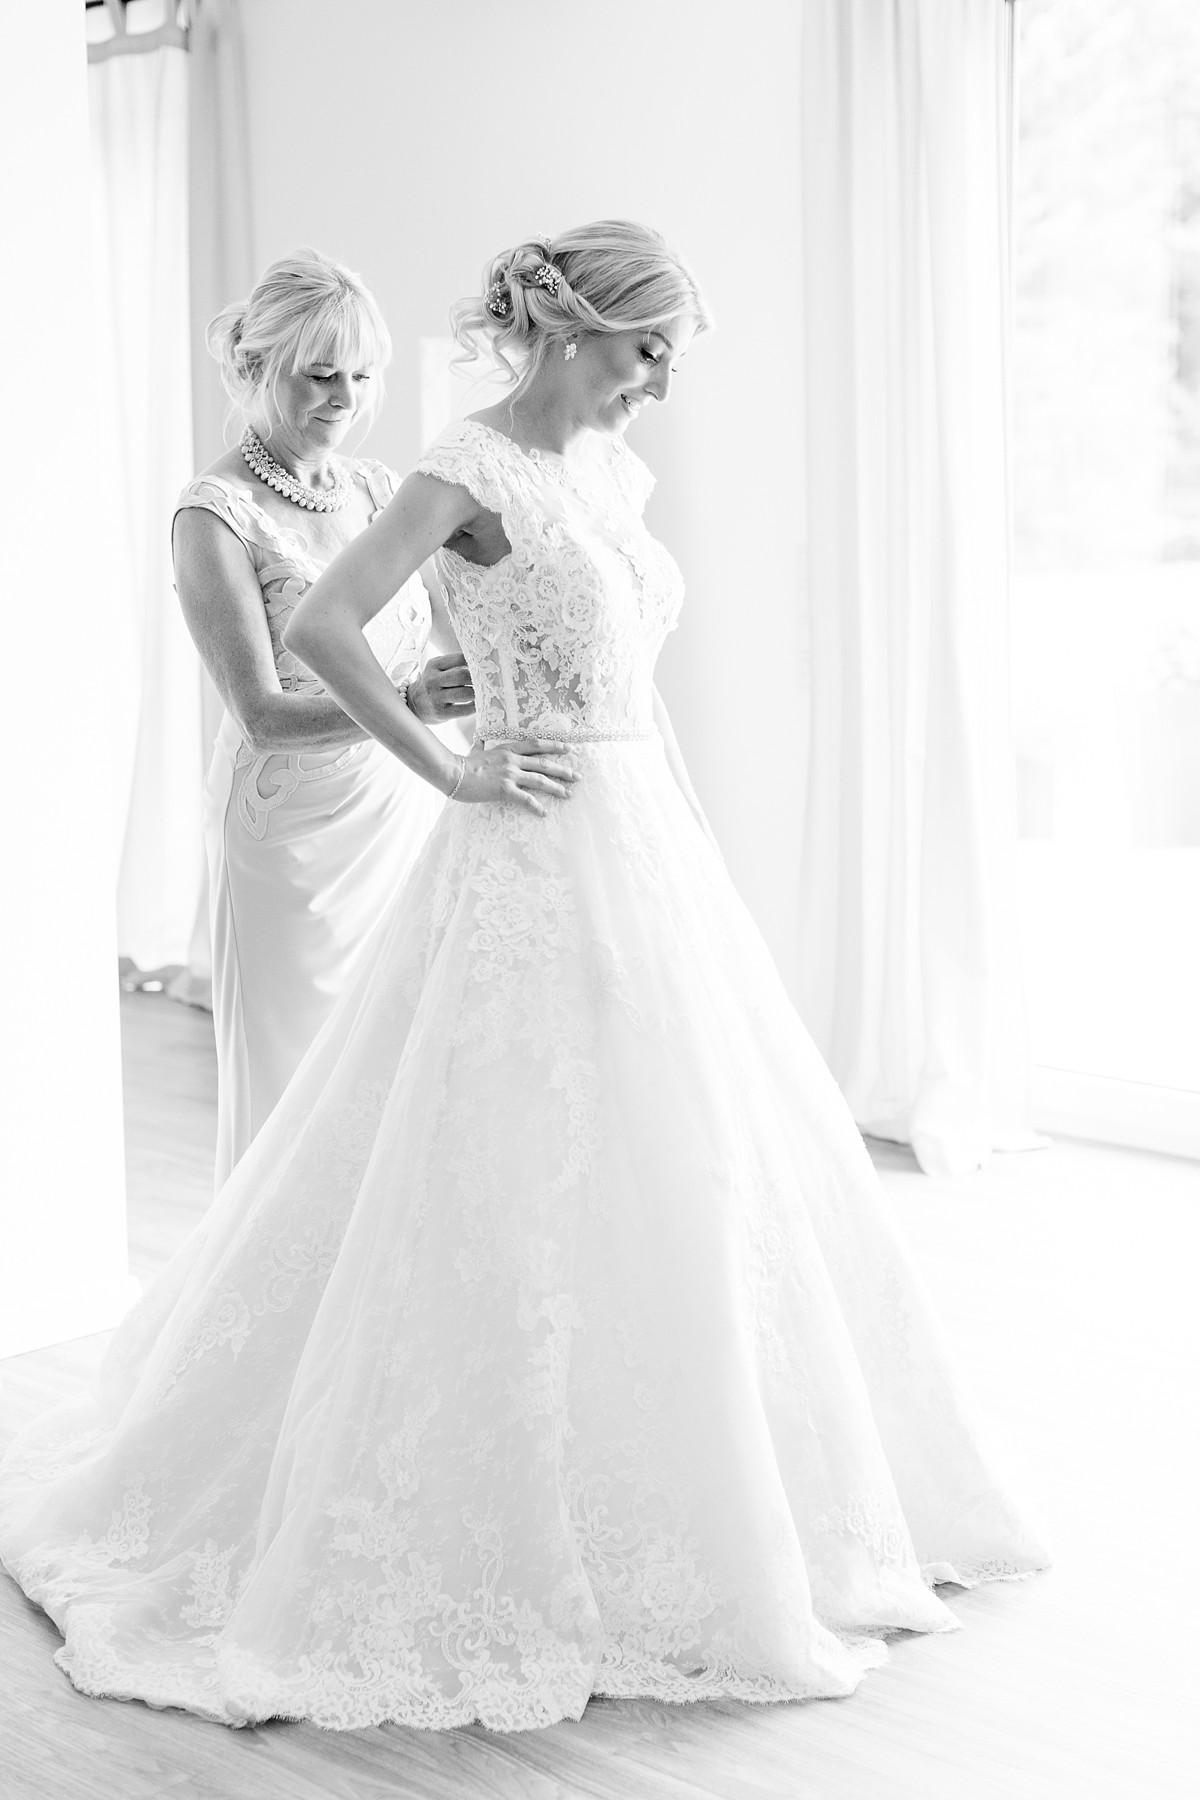 Hochzeitsfotograf-Herford-van-Laer-Fotograf-Hochzeit-Nrw_0014